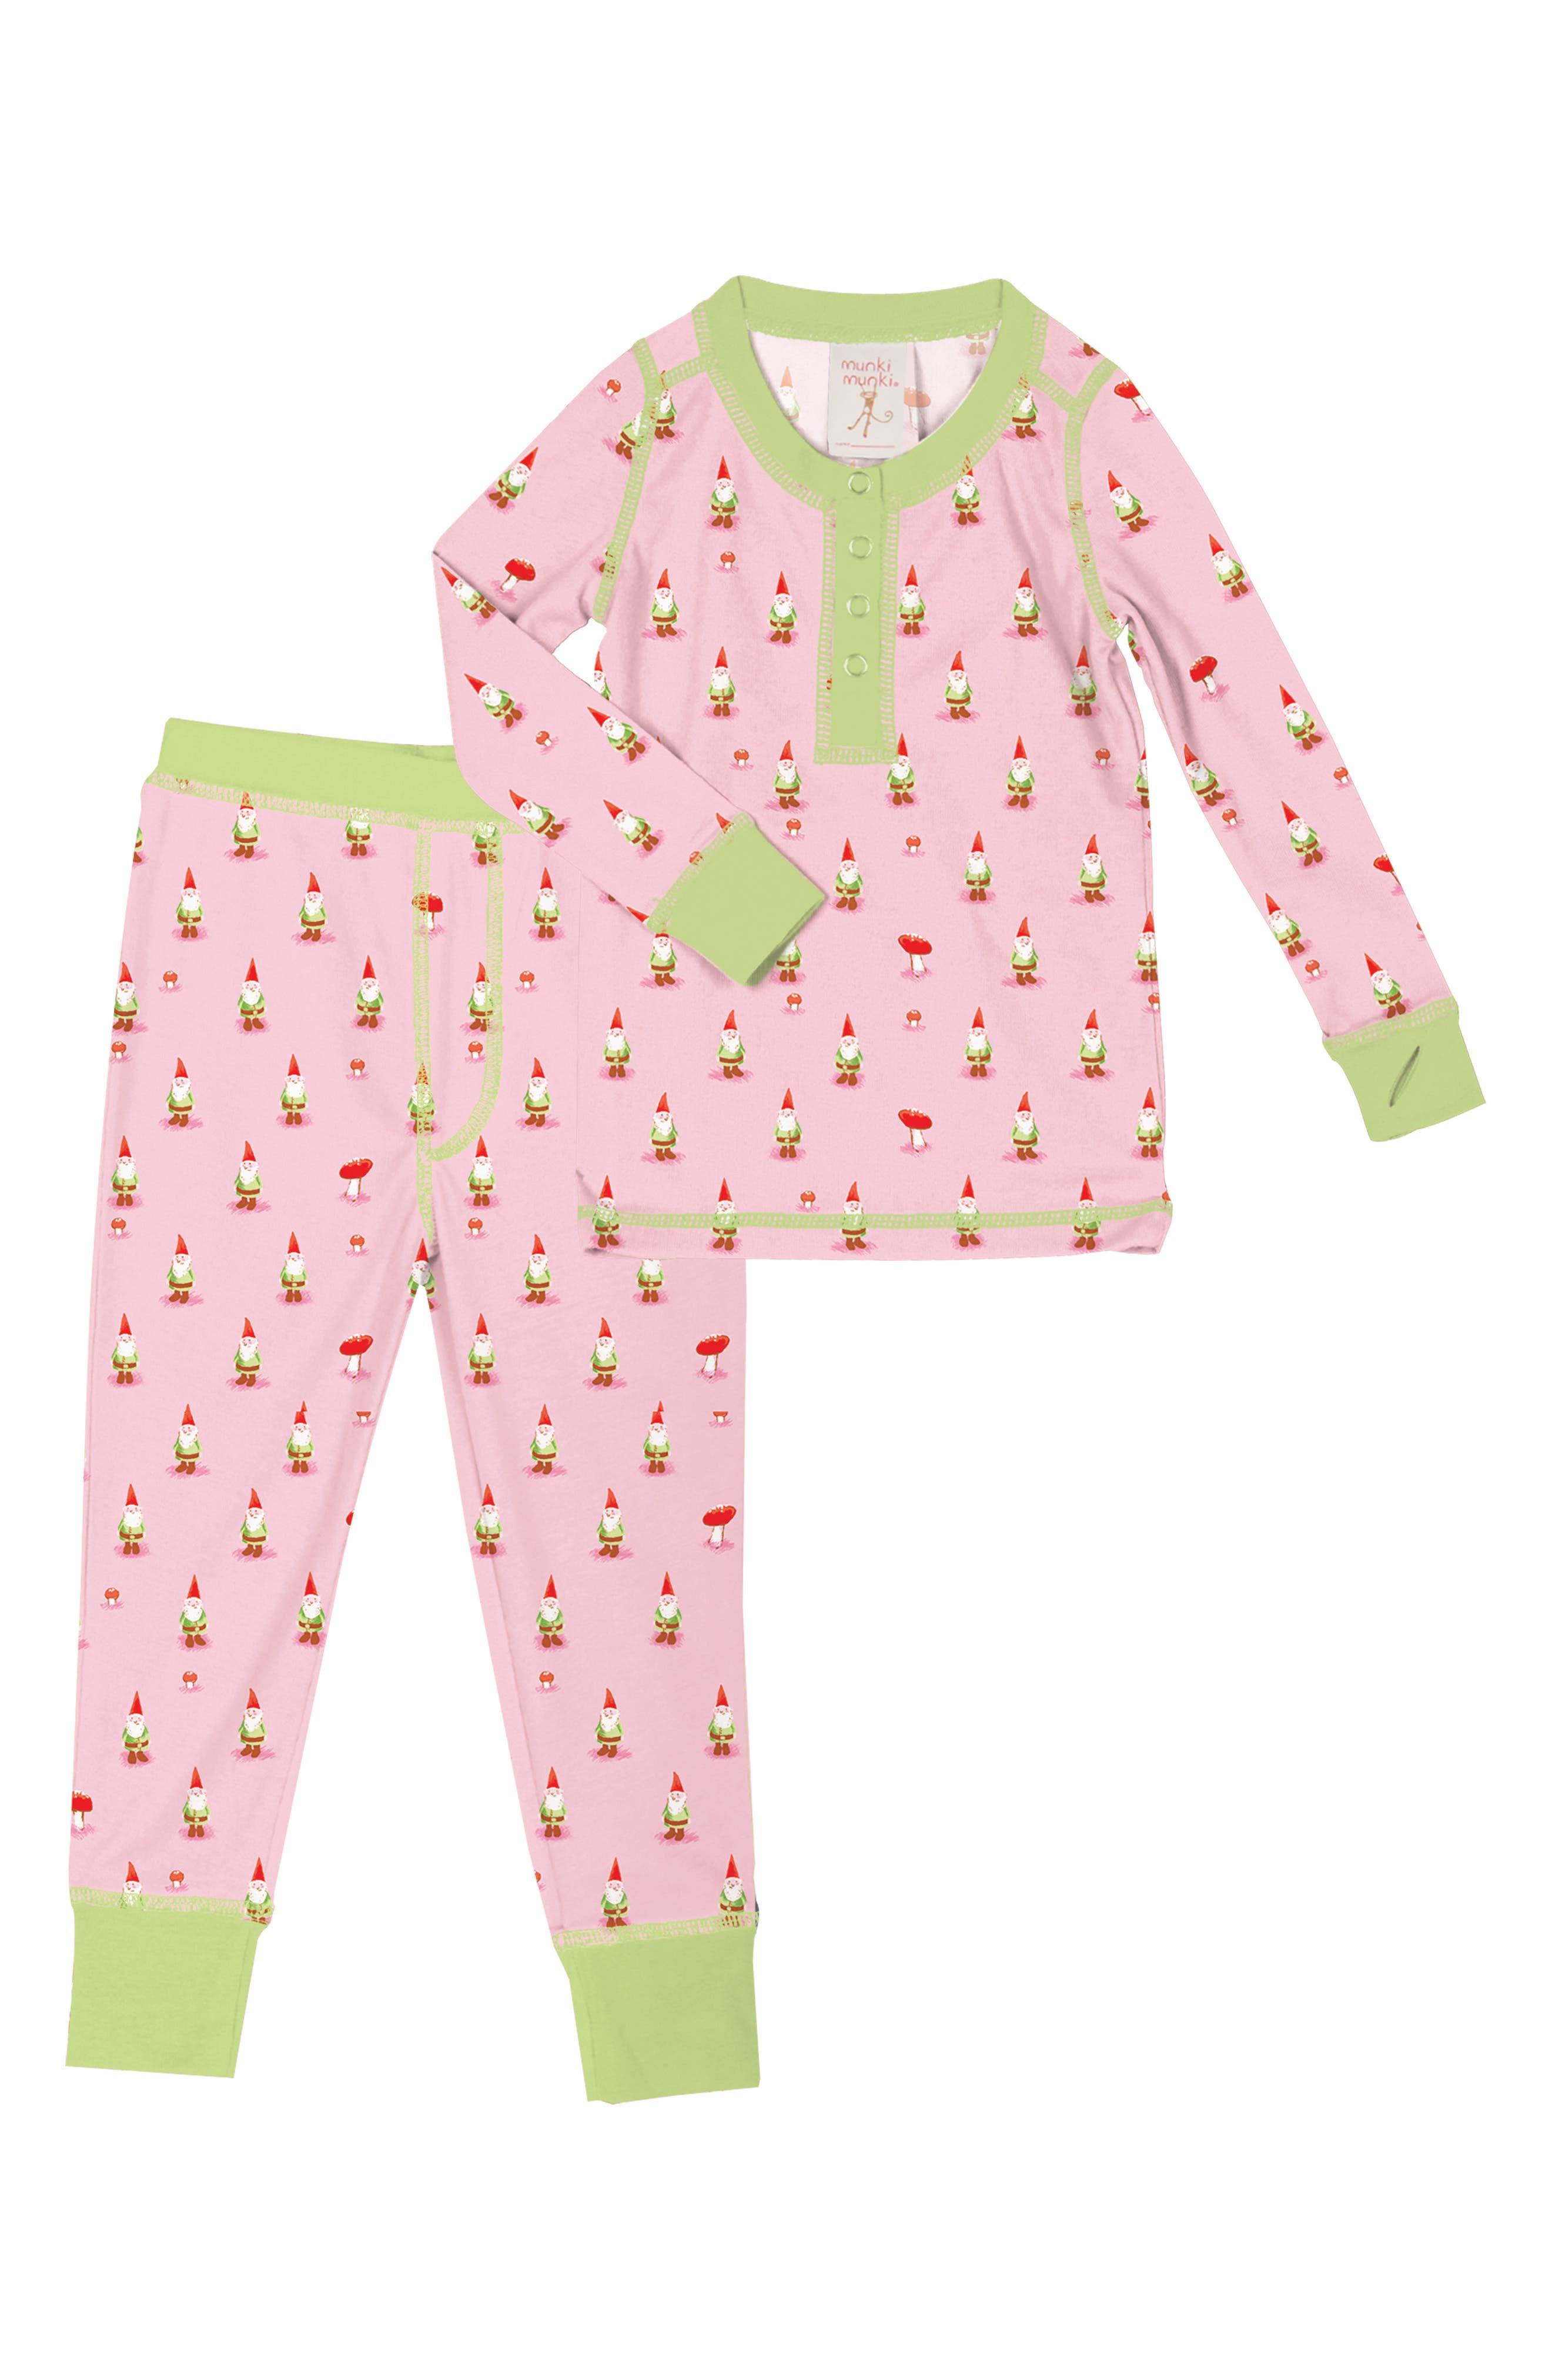 Girls Munki Munki Gnomes Fitted TwoPiece Pajamas Size 4  Pink